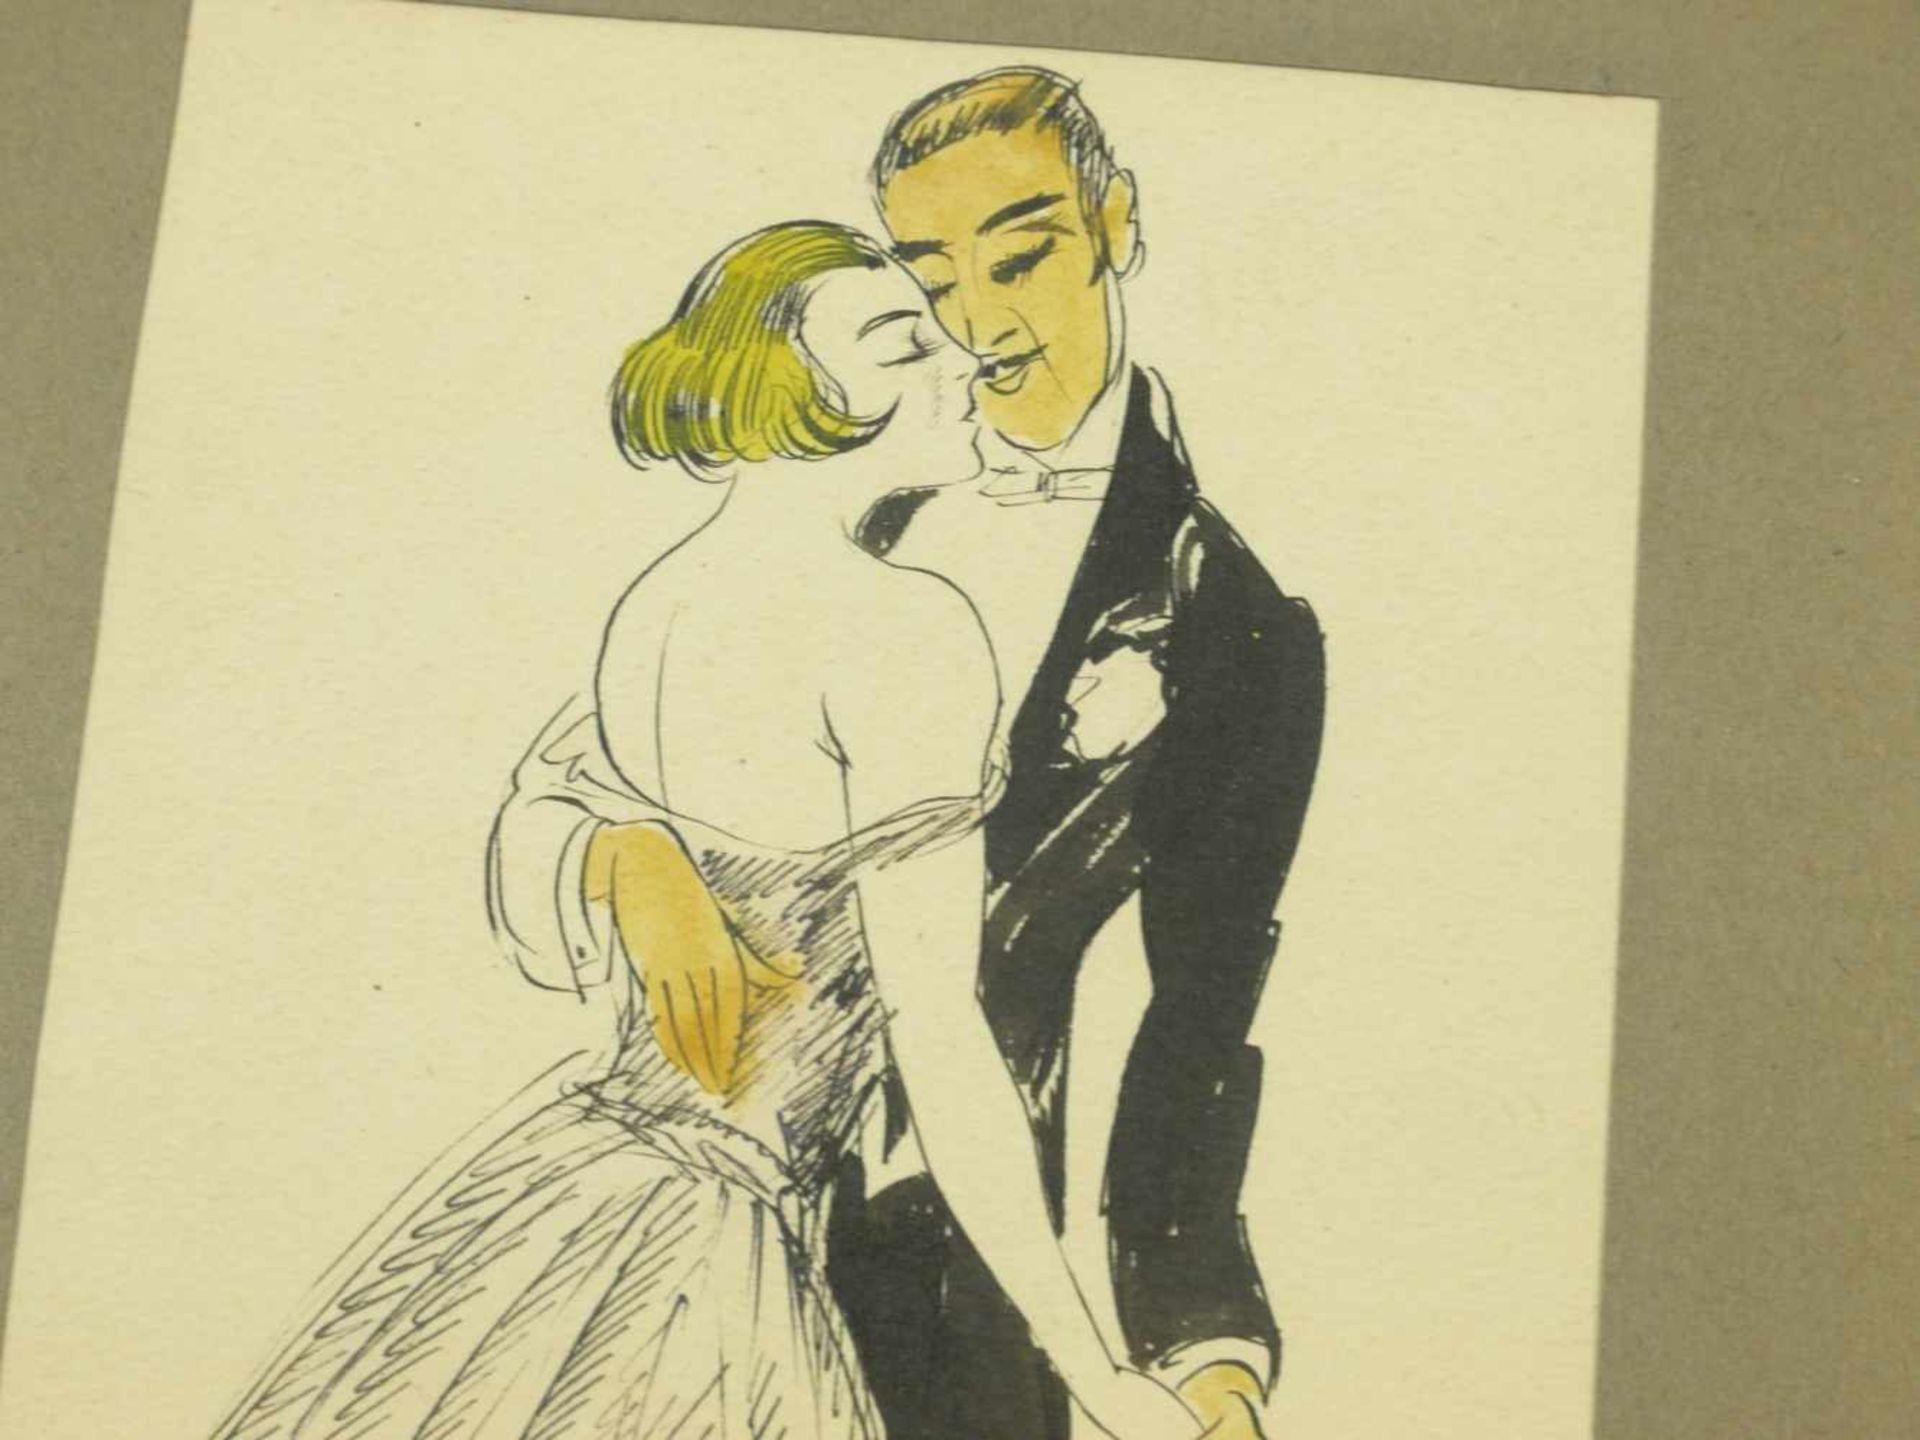 Storch, Josef Anton (1892-1979) - Tanzendes Paar ZeichnungSchwungvolle Zeichnung eines aneinander - Bild 4 aus 4